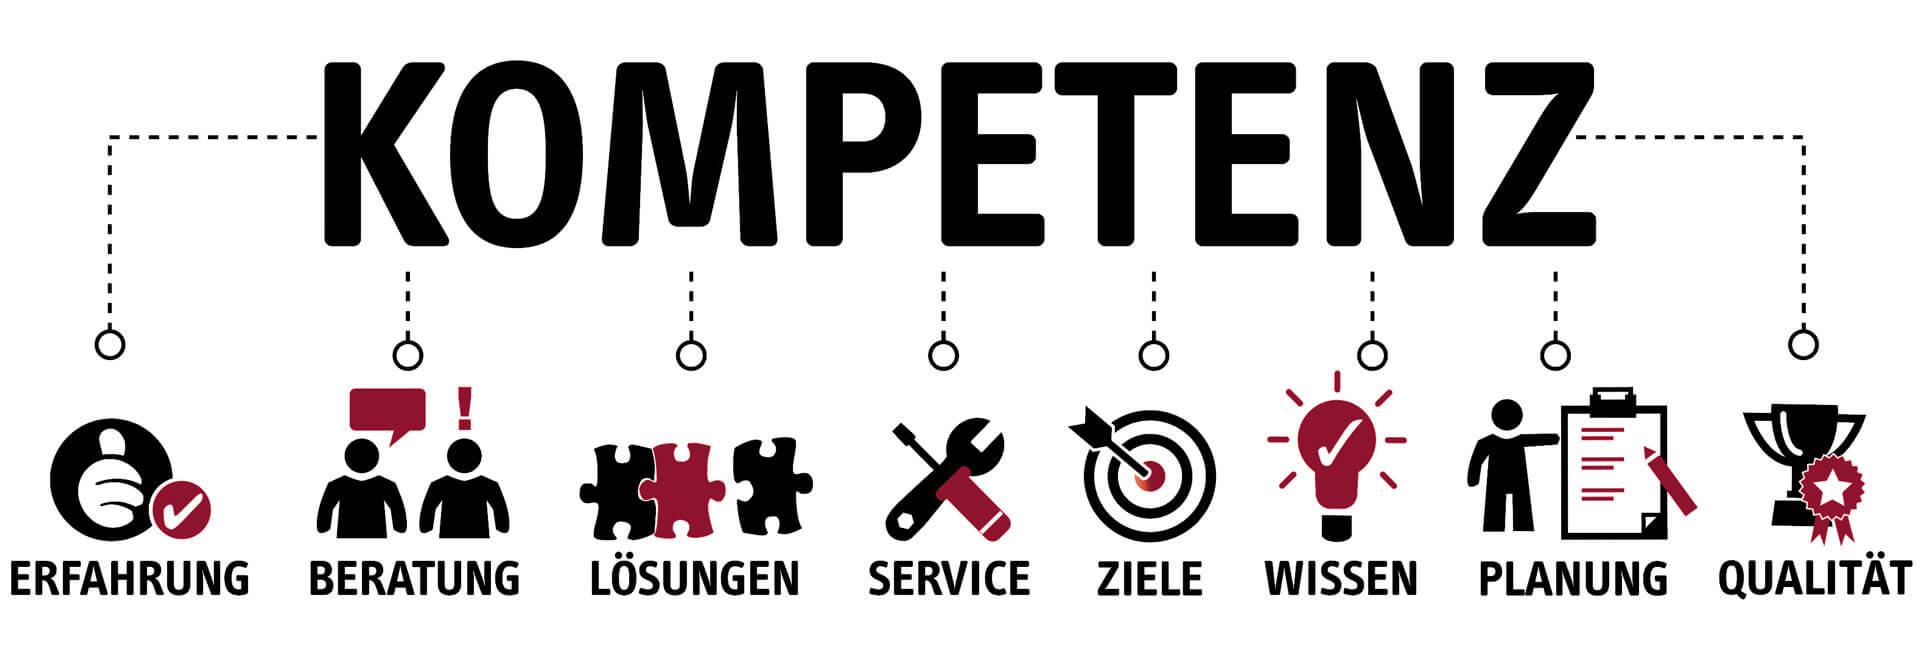 Immobilienvermittlung - Unsere Kompetenz